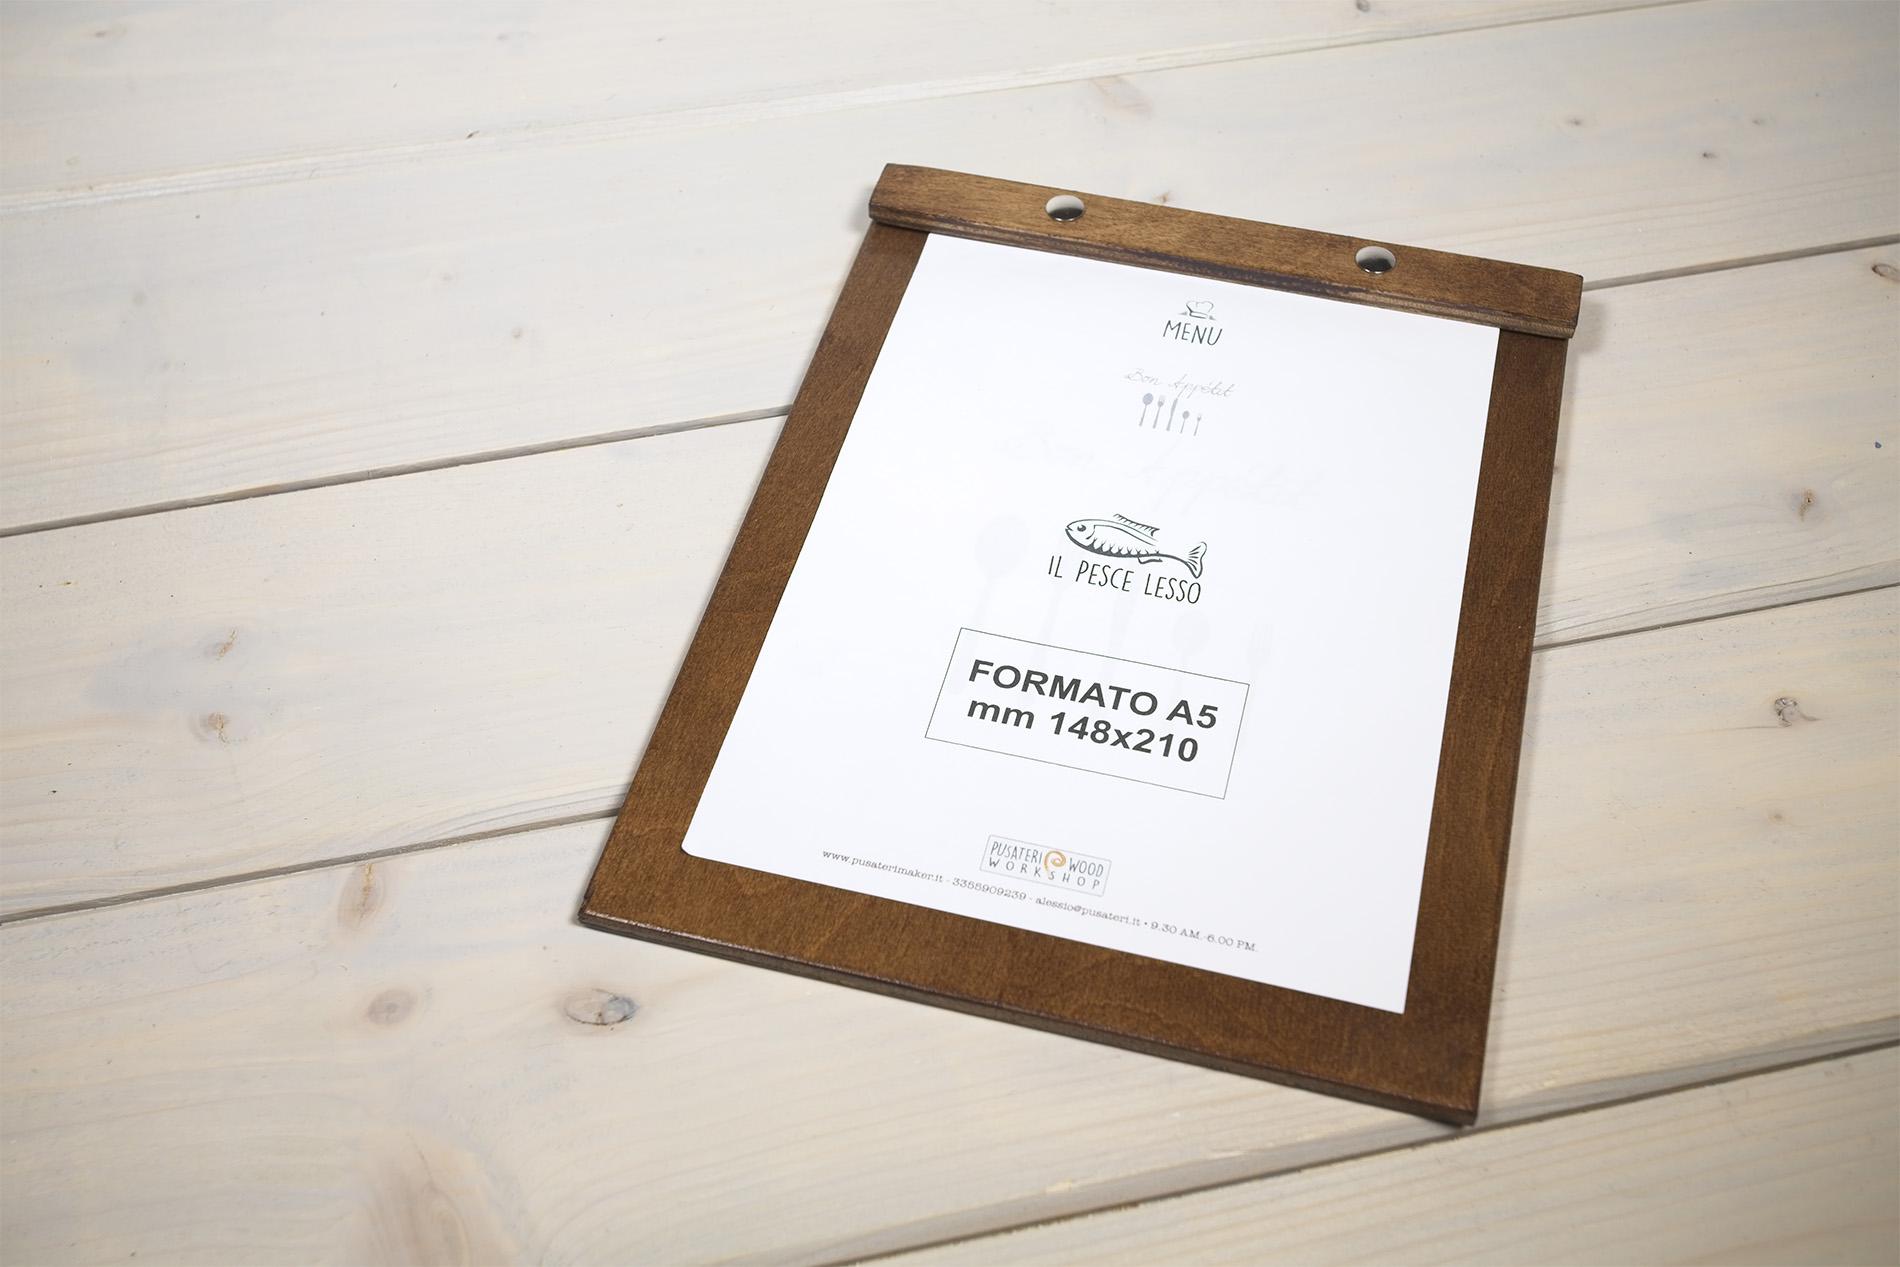 Oreto portamenu A5 in legno con cornice